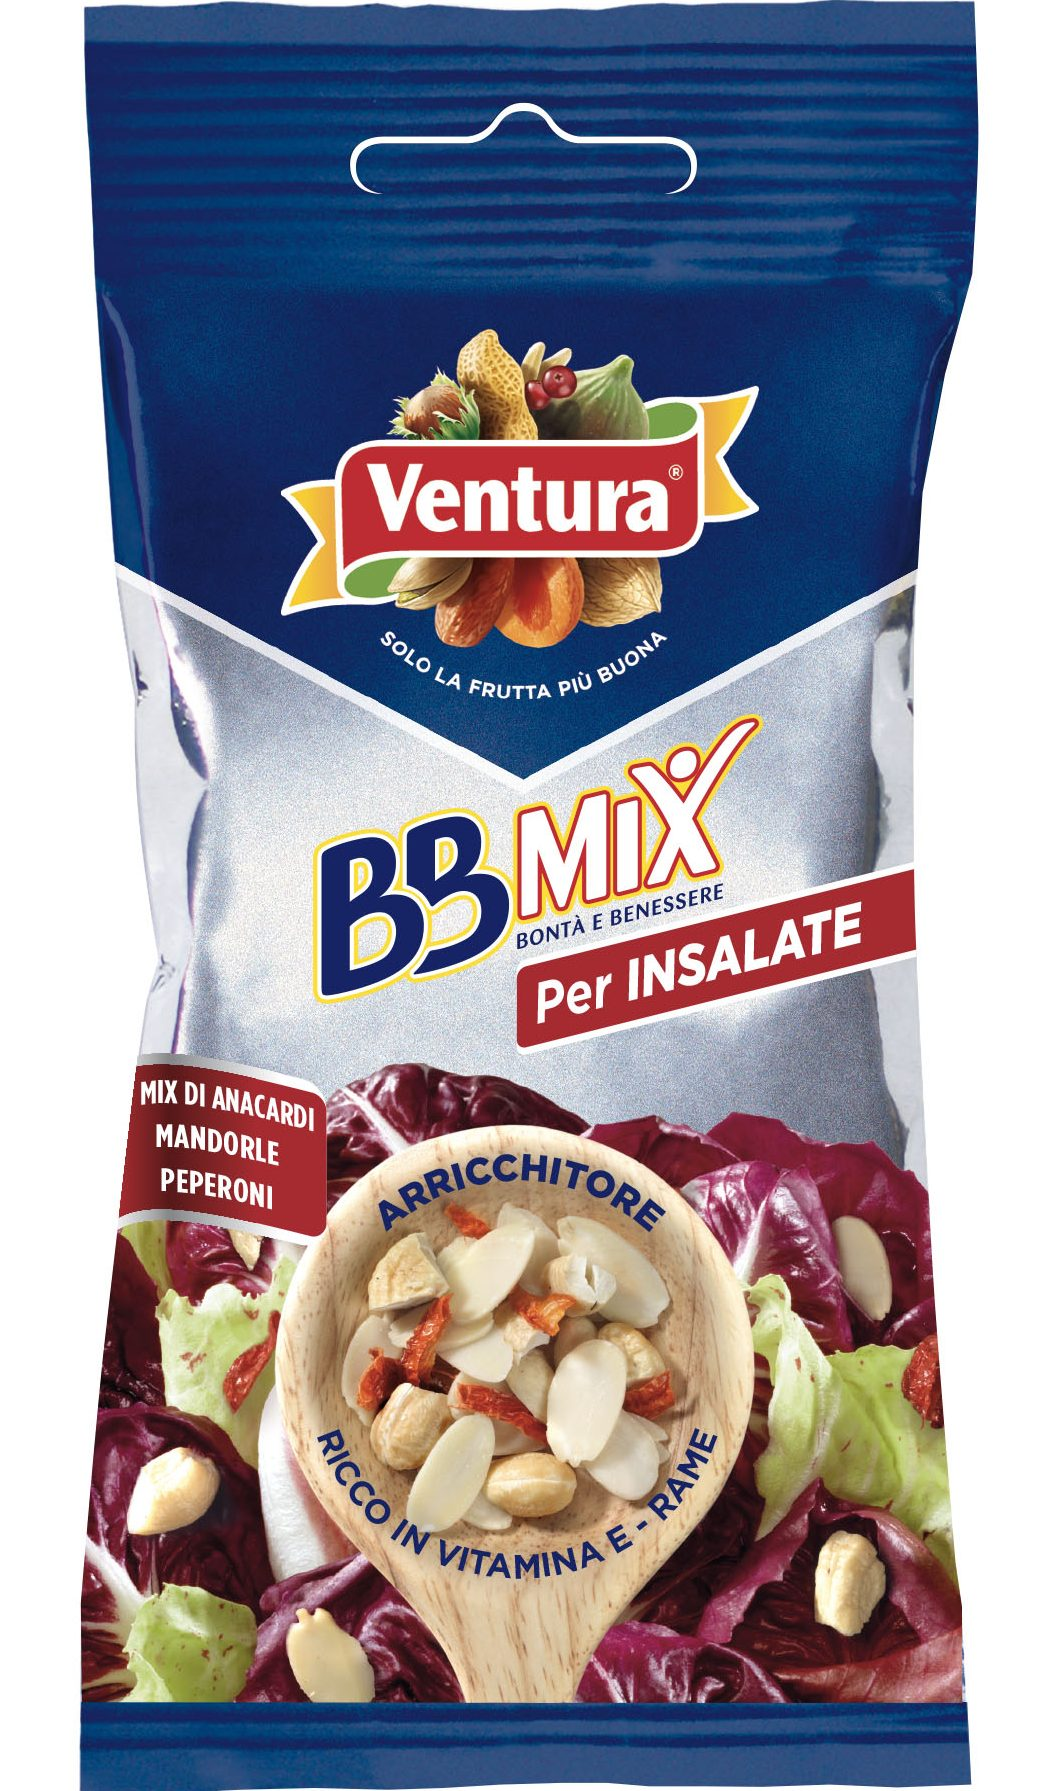 BBMix per insalate